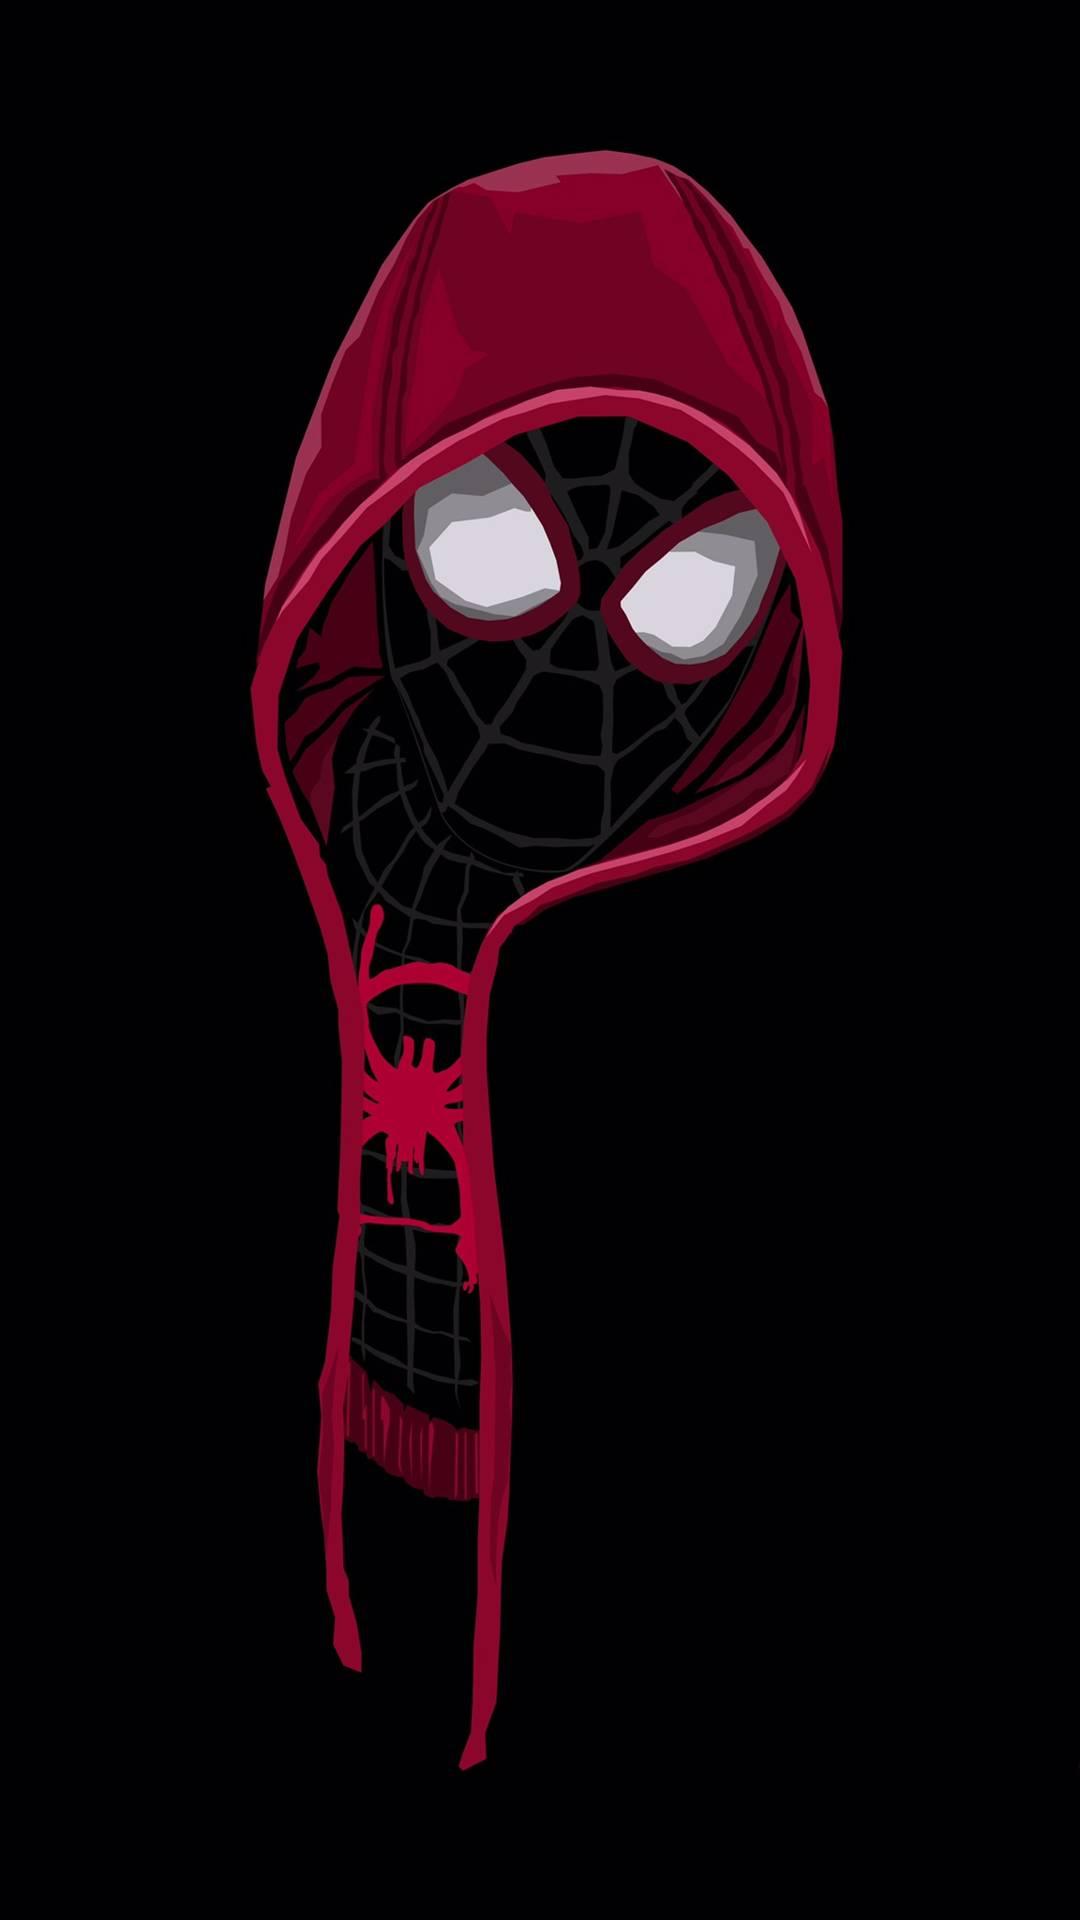 Cute Iron Man Wallpaper Black Spiderman Hoodie Iphone Wallpaper Iphone Wallpapers